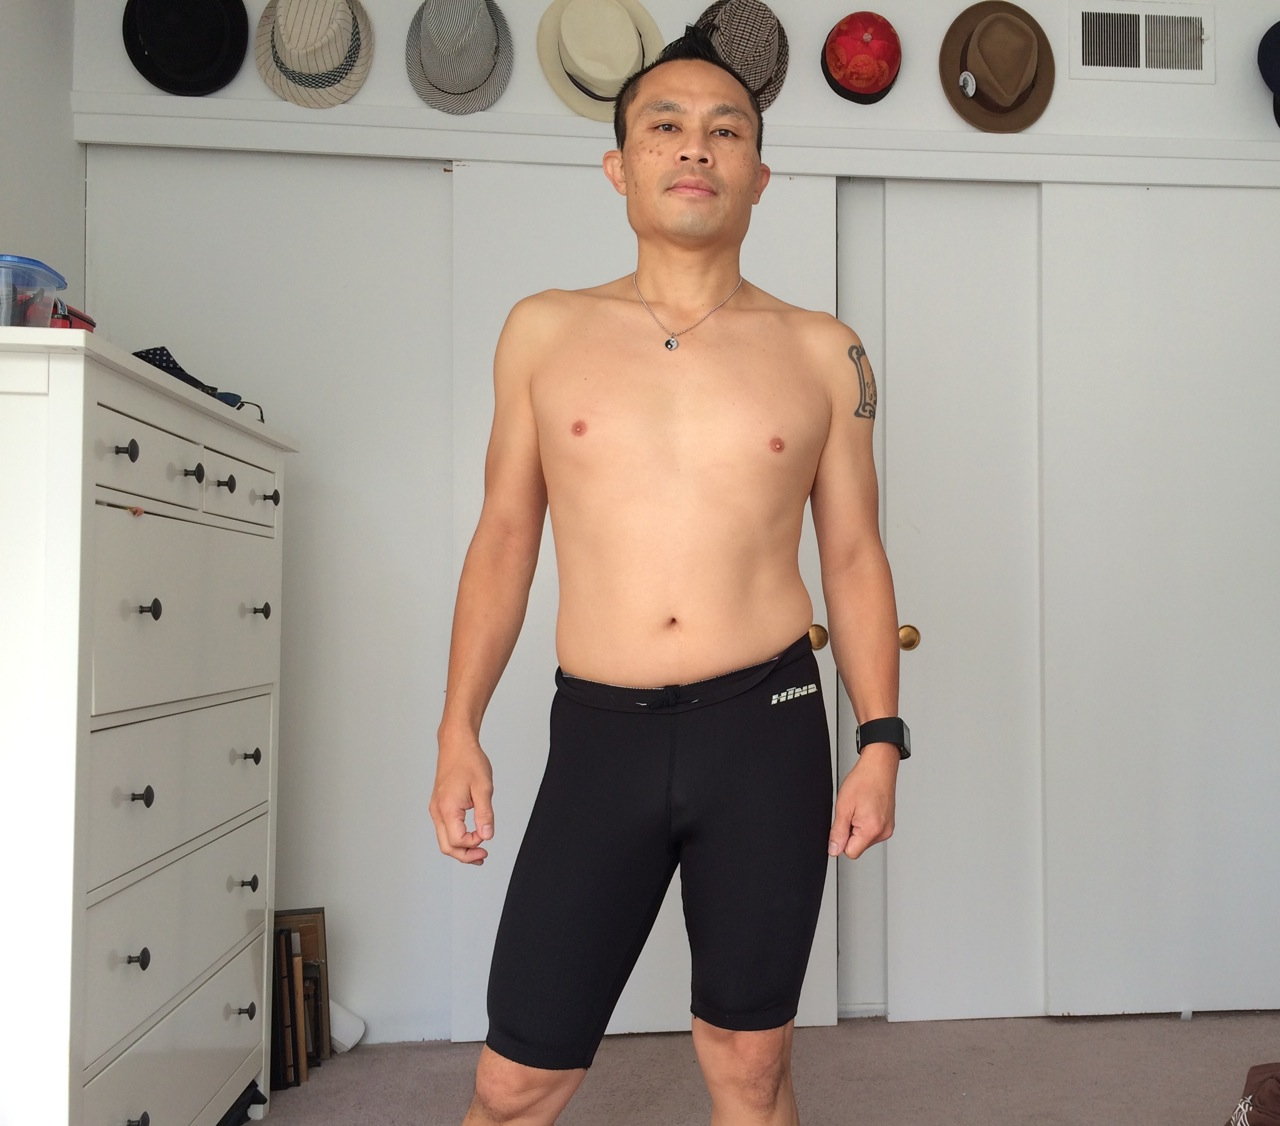 Rik body Oct 2015 - 6 wk sugar fast